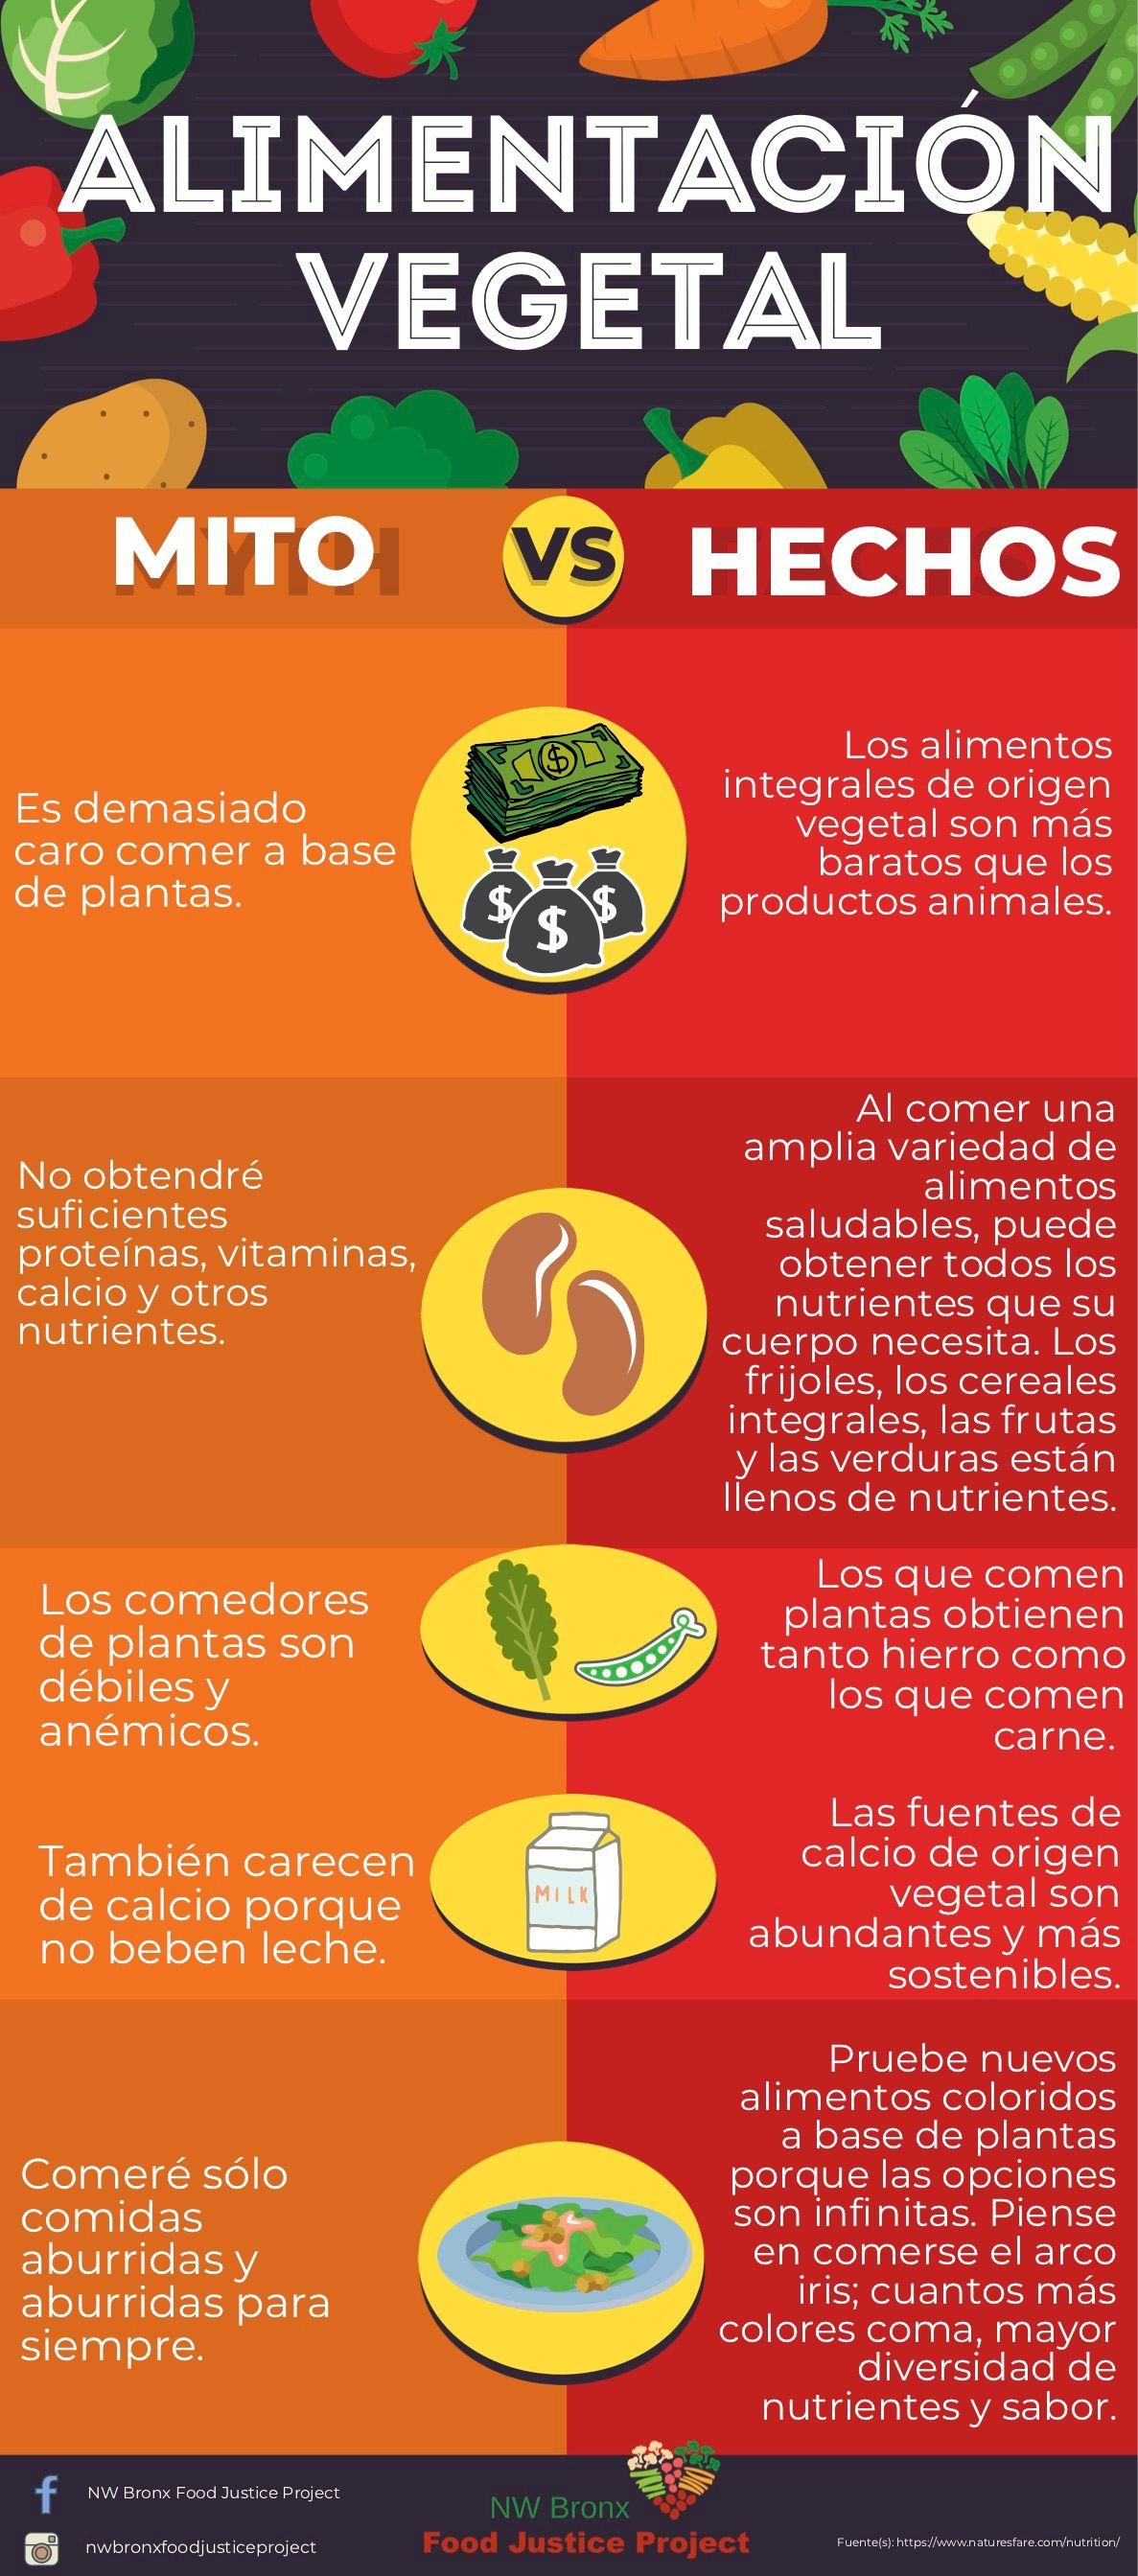 Mito de la alimentación basada en plantas versus hechos